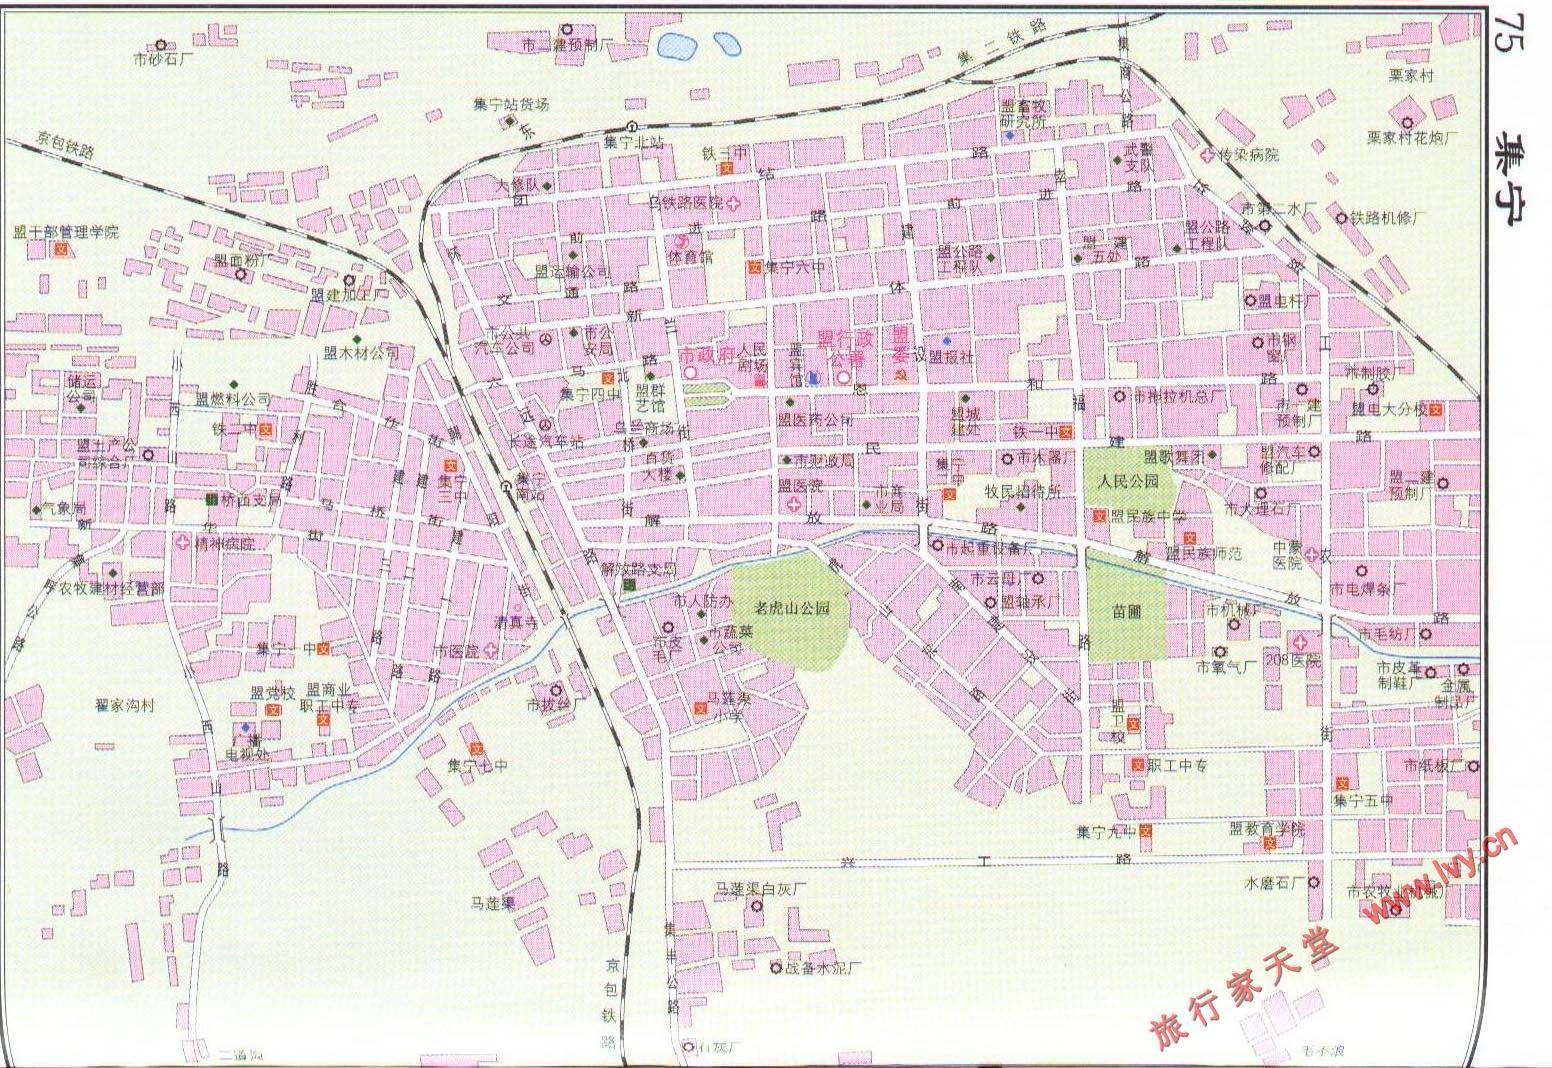 集宁市市区地图